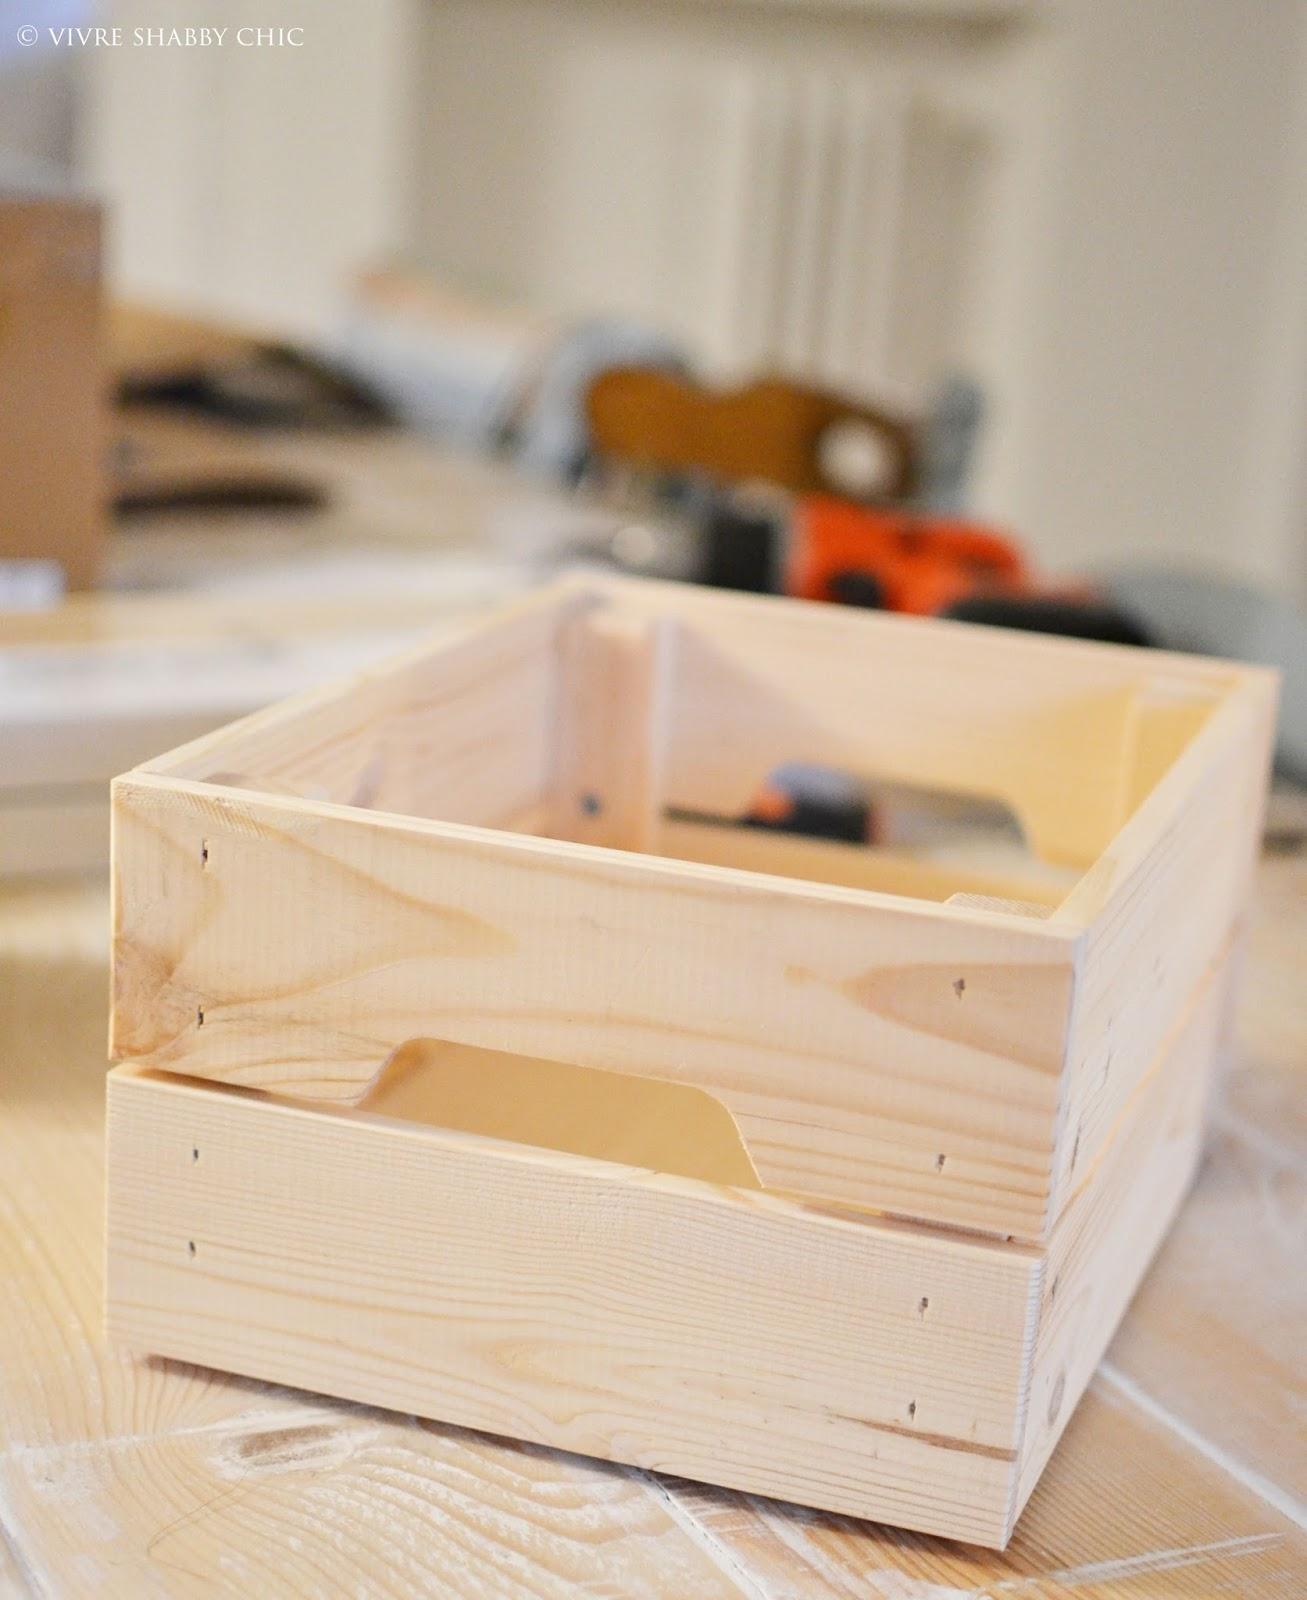 Cassette legno shabby chic fi31 regardsdefemmes for Opzioni di rivestimenti in legno